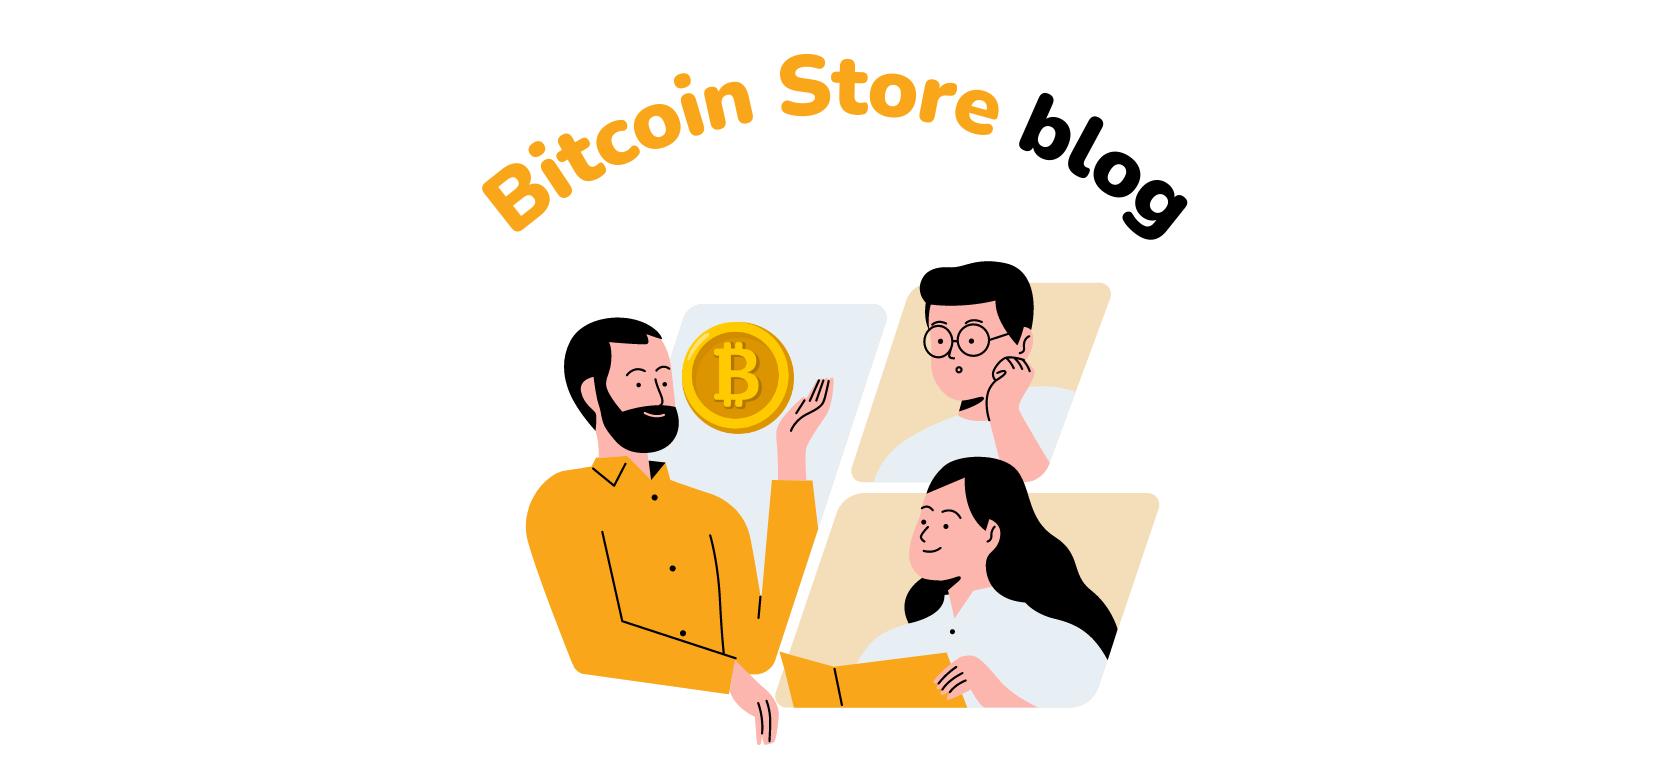 Ilustrirani strip koji prikazuje učitelja koji učenicima objašnjava funkcioniranje Bitcoina.